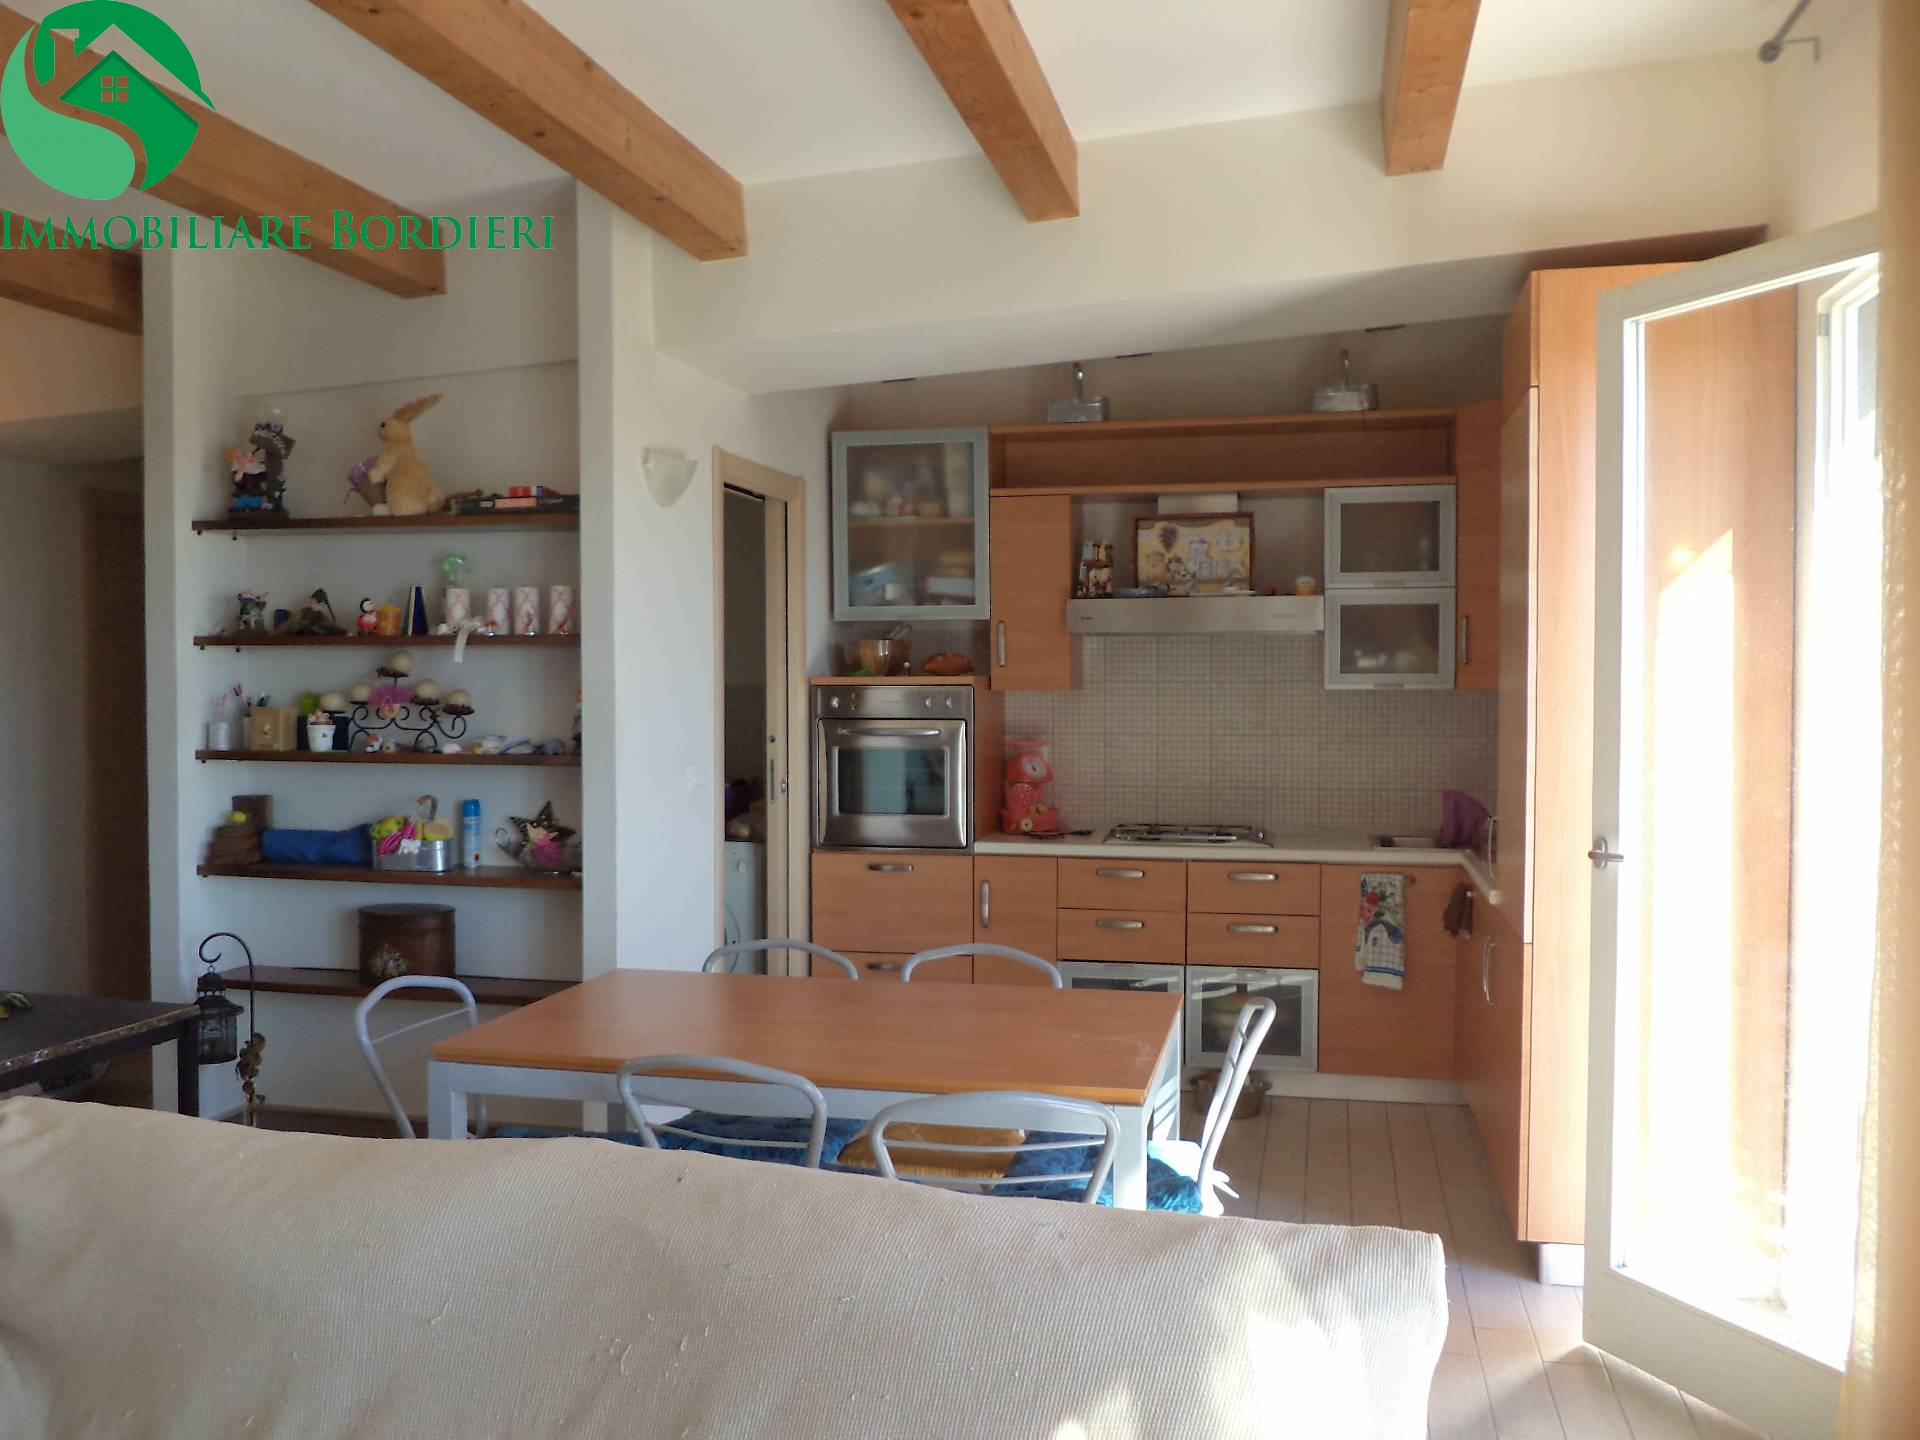 Attico / Mansarda in affitto a Siracusa, 3 locali, zona Località: CittàGiardino, prezzo € 500 | CambioCasa.it